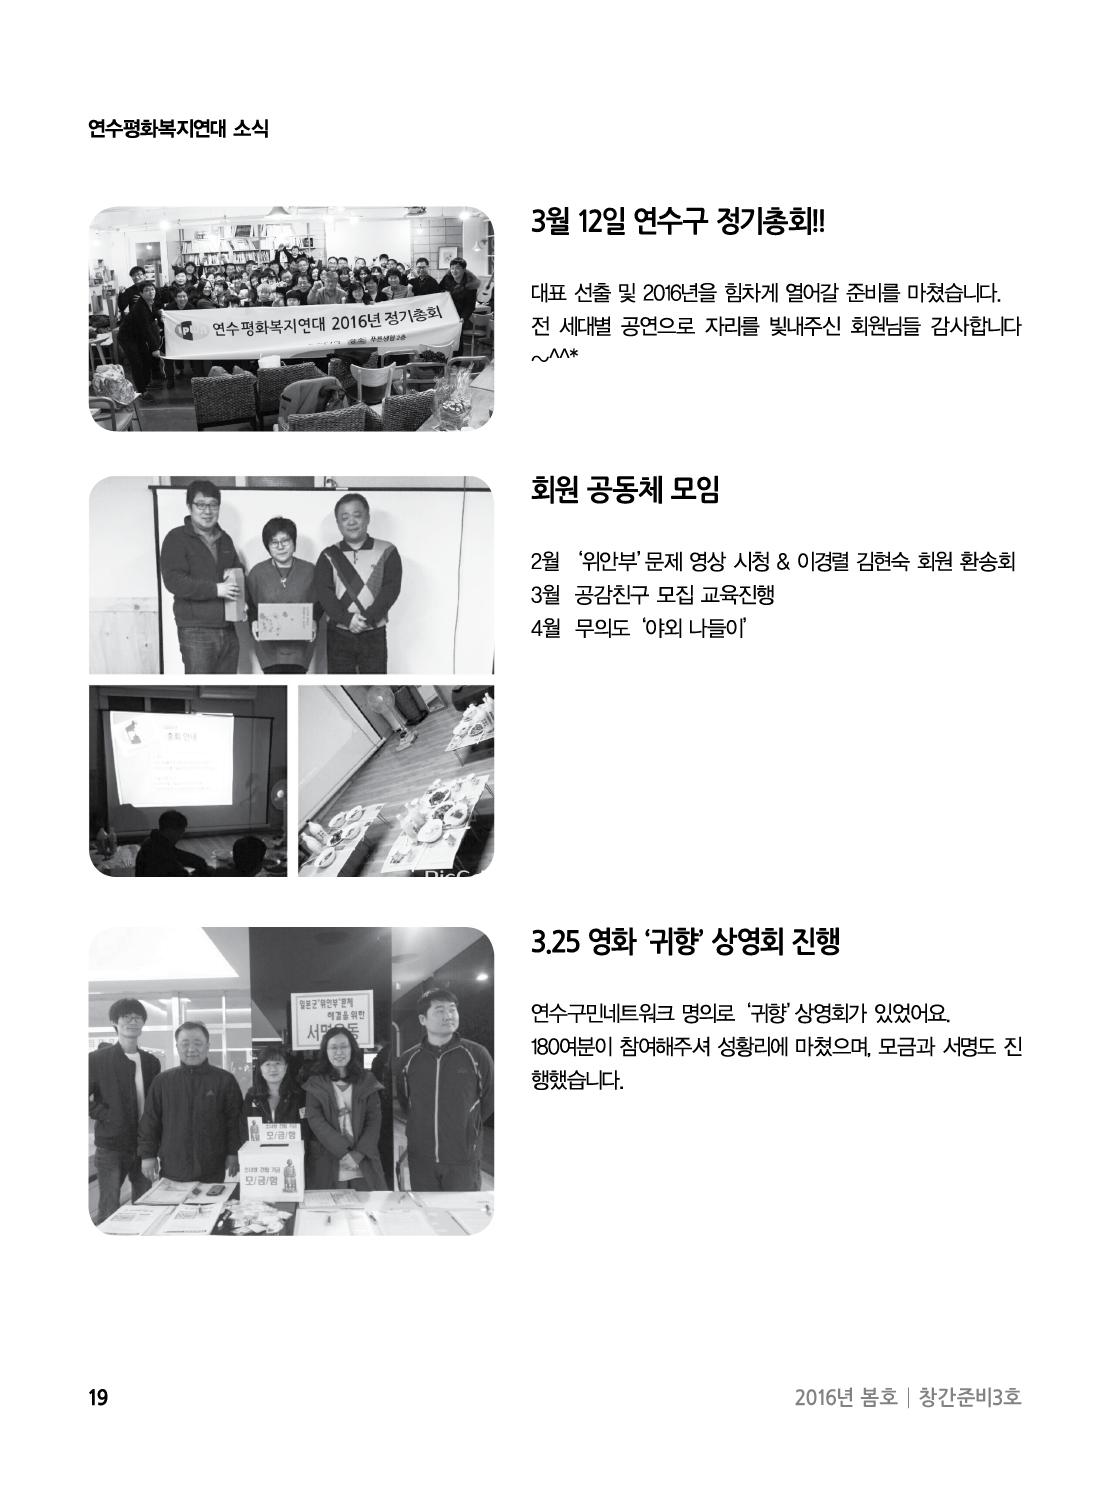 아웃라인 인천평화복지연대 소식지창간준비3호19.jpg